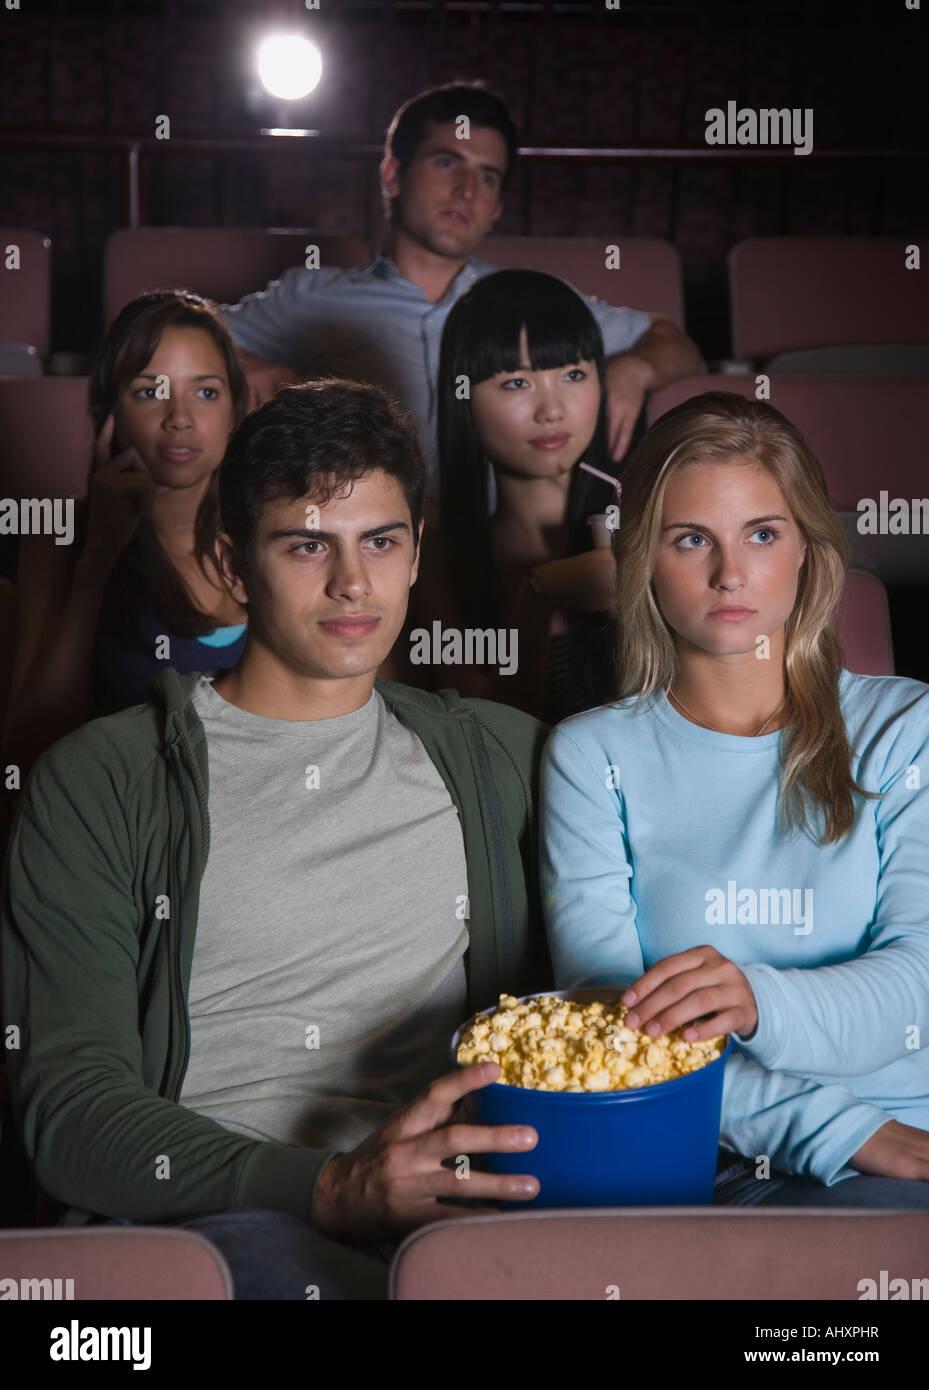 Paar, Lachen im Kino Stockbild